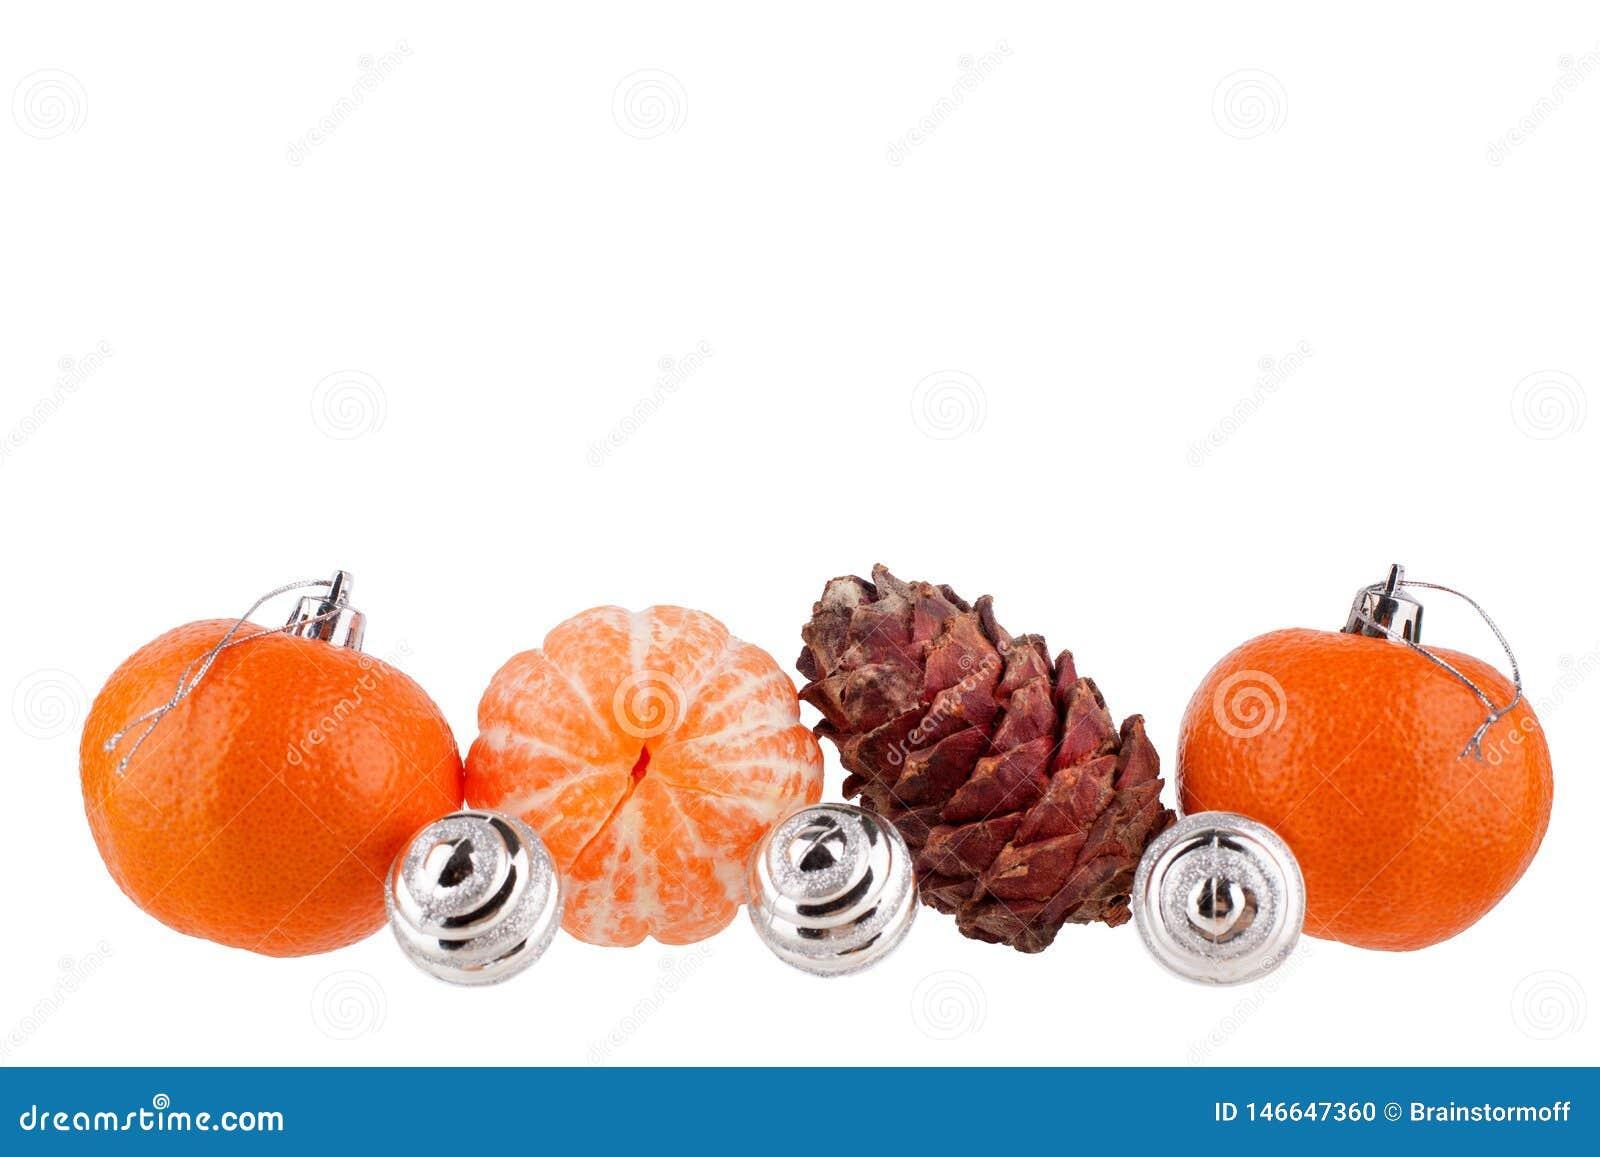 新年和圣诞节边界、圣诞节球、蜜桔、杉木锥体、装饰品或者样式贺卡的,横幅,日历